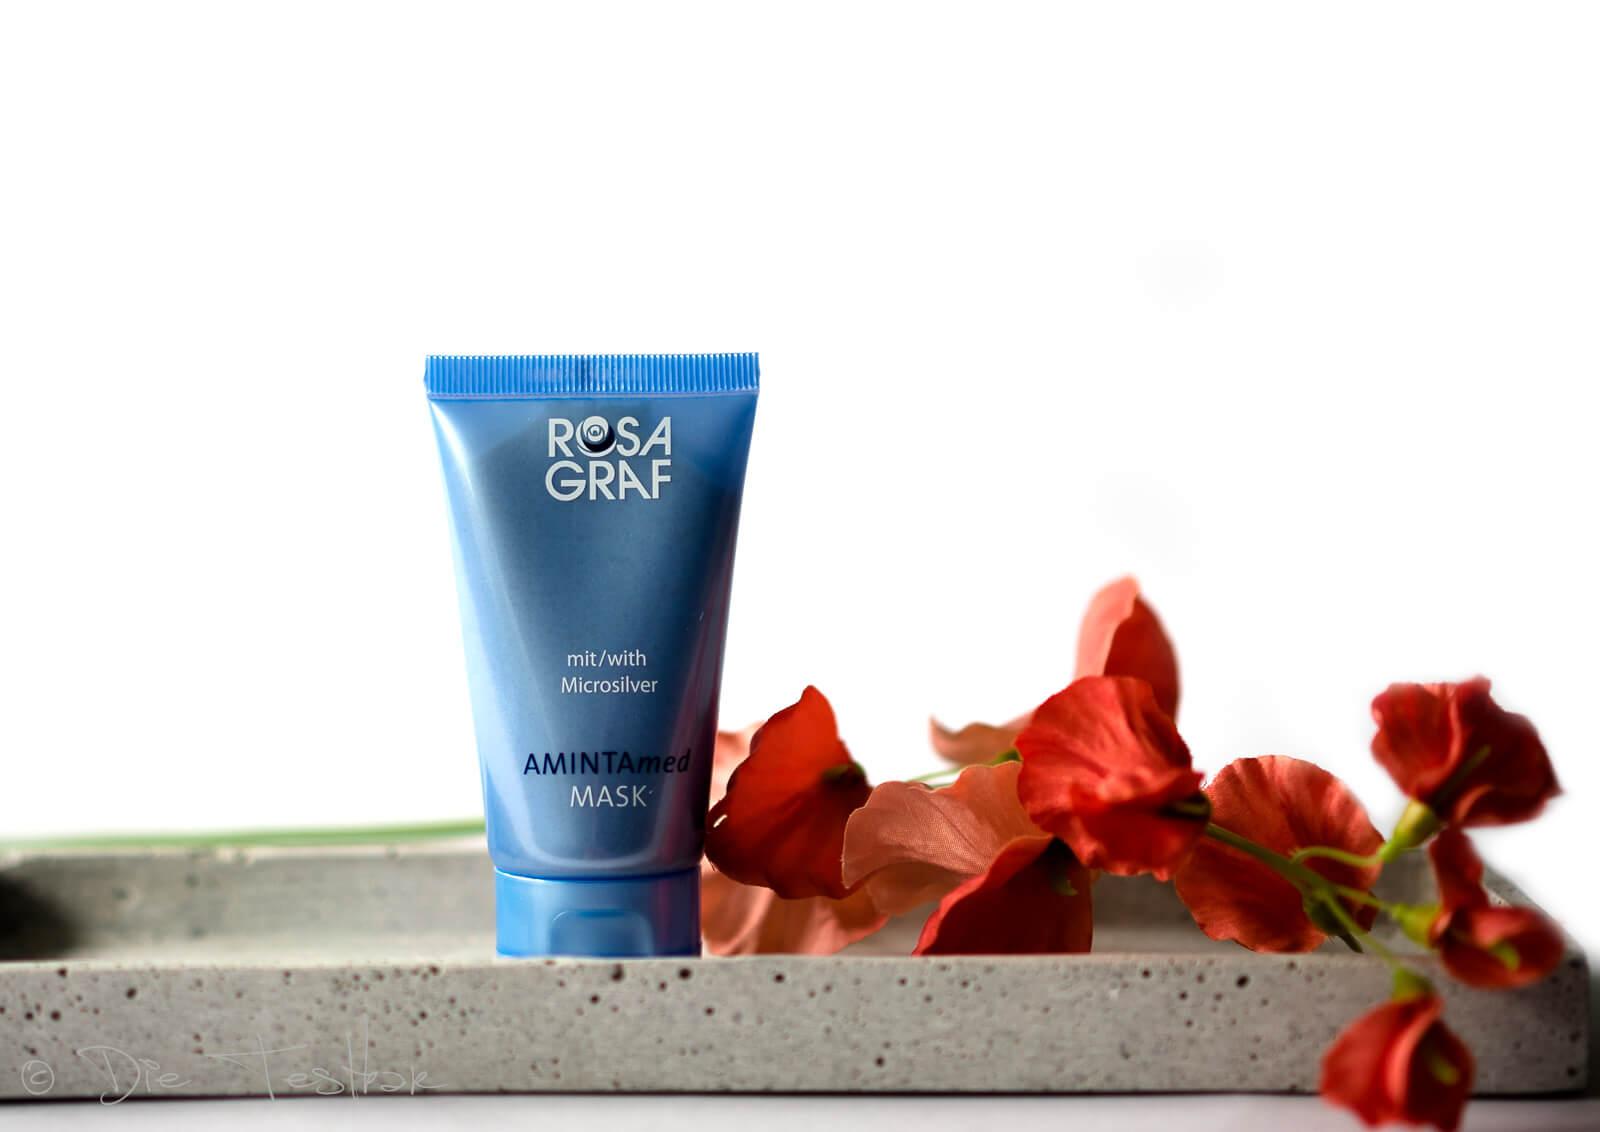 AMINTAmed MASK Creme-Packung mit Microsilver für jugendliche, fettige und unreine Haut